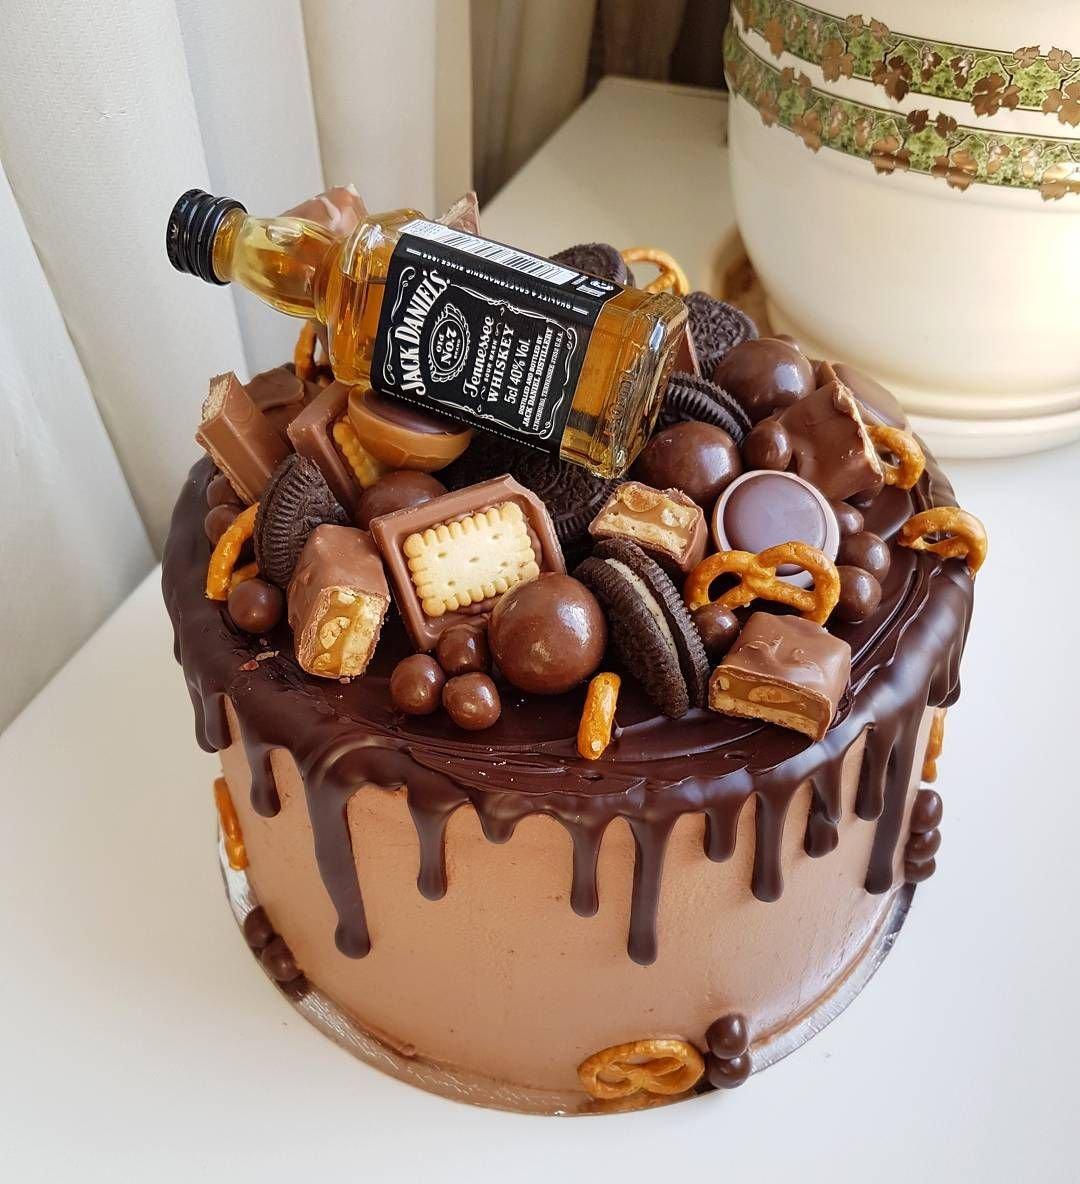 торт с днем рождения для мужчины фото прикрепляли